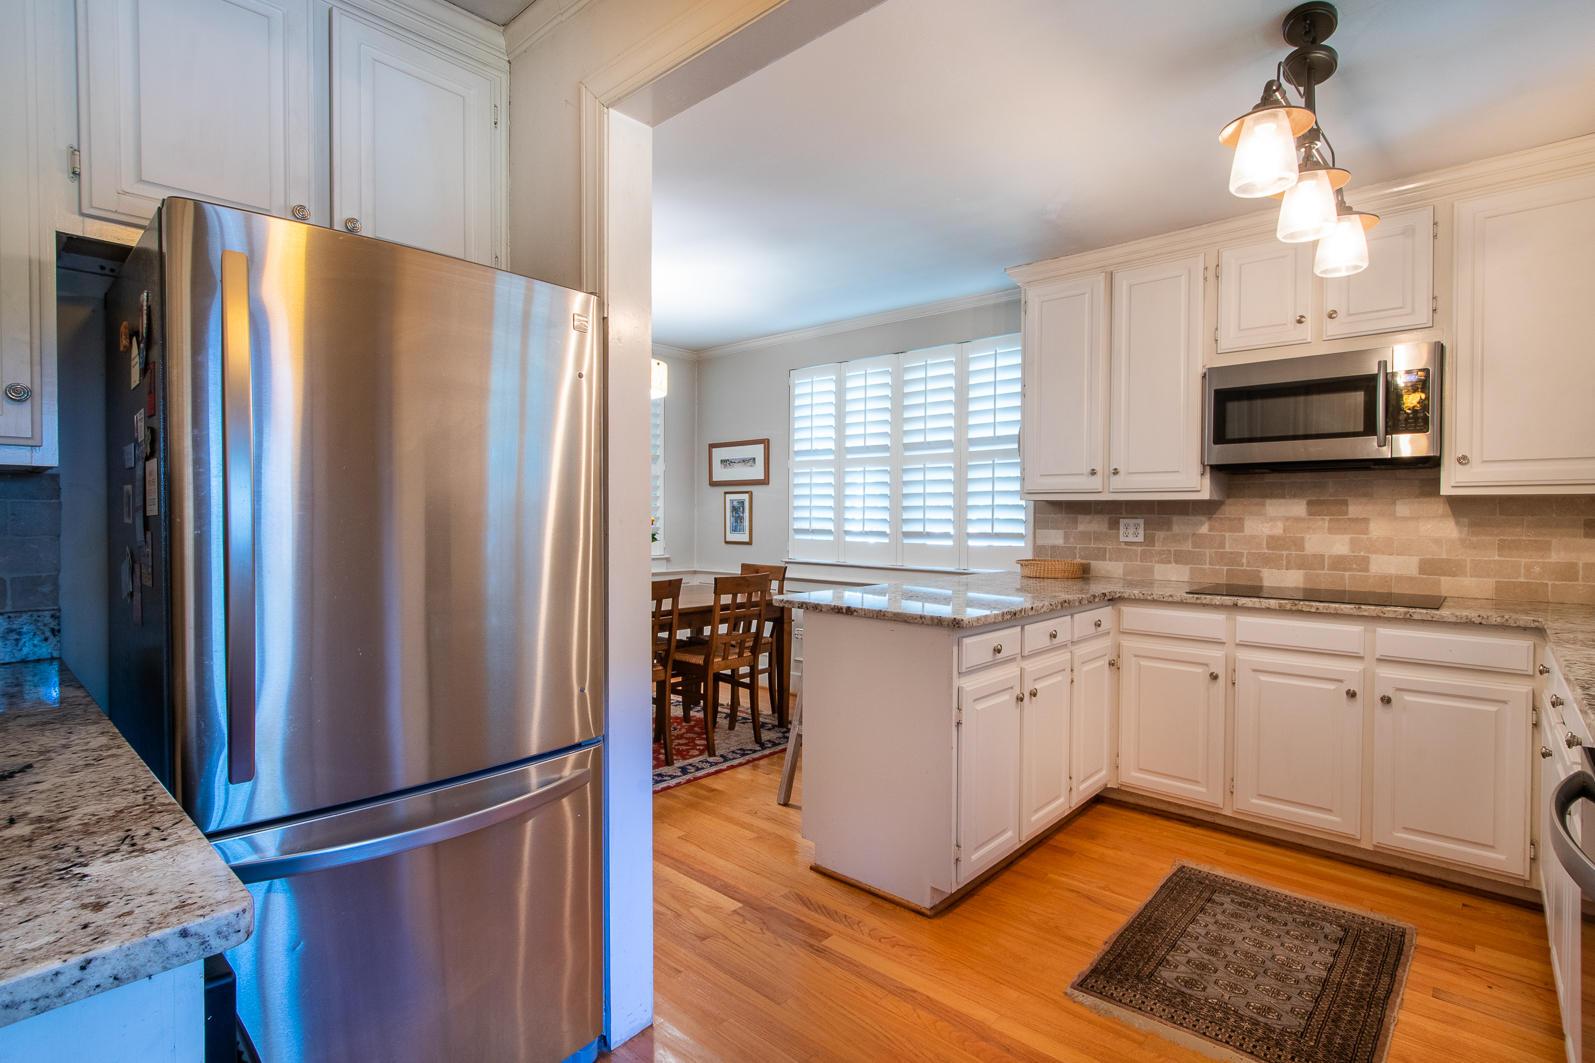 Old Mt Pleasant Homes For Sale - 1344 Fairmont, Mount Pleasant, SC - 46